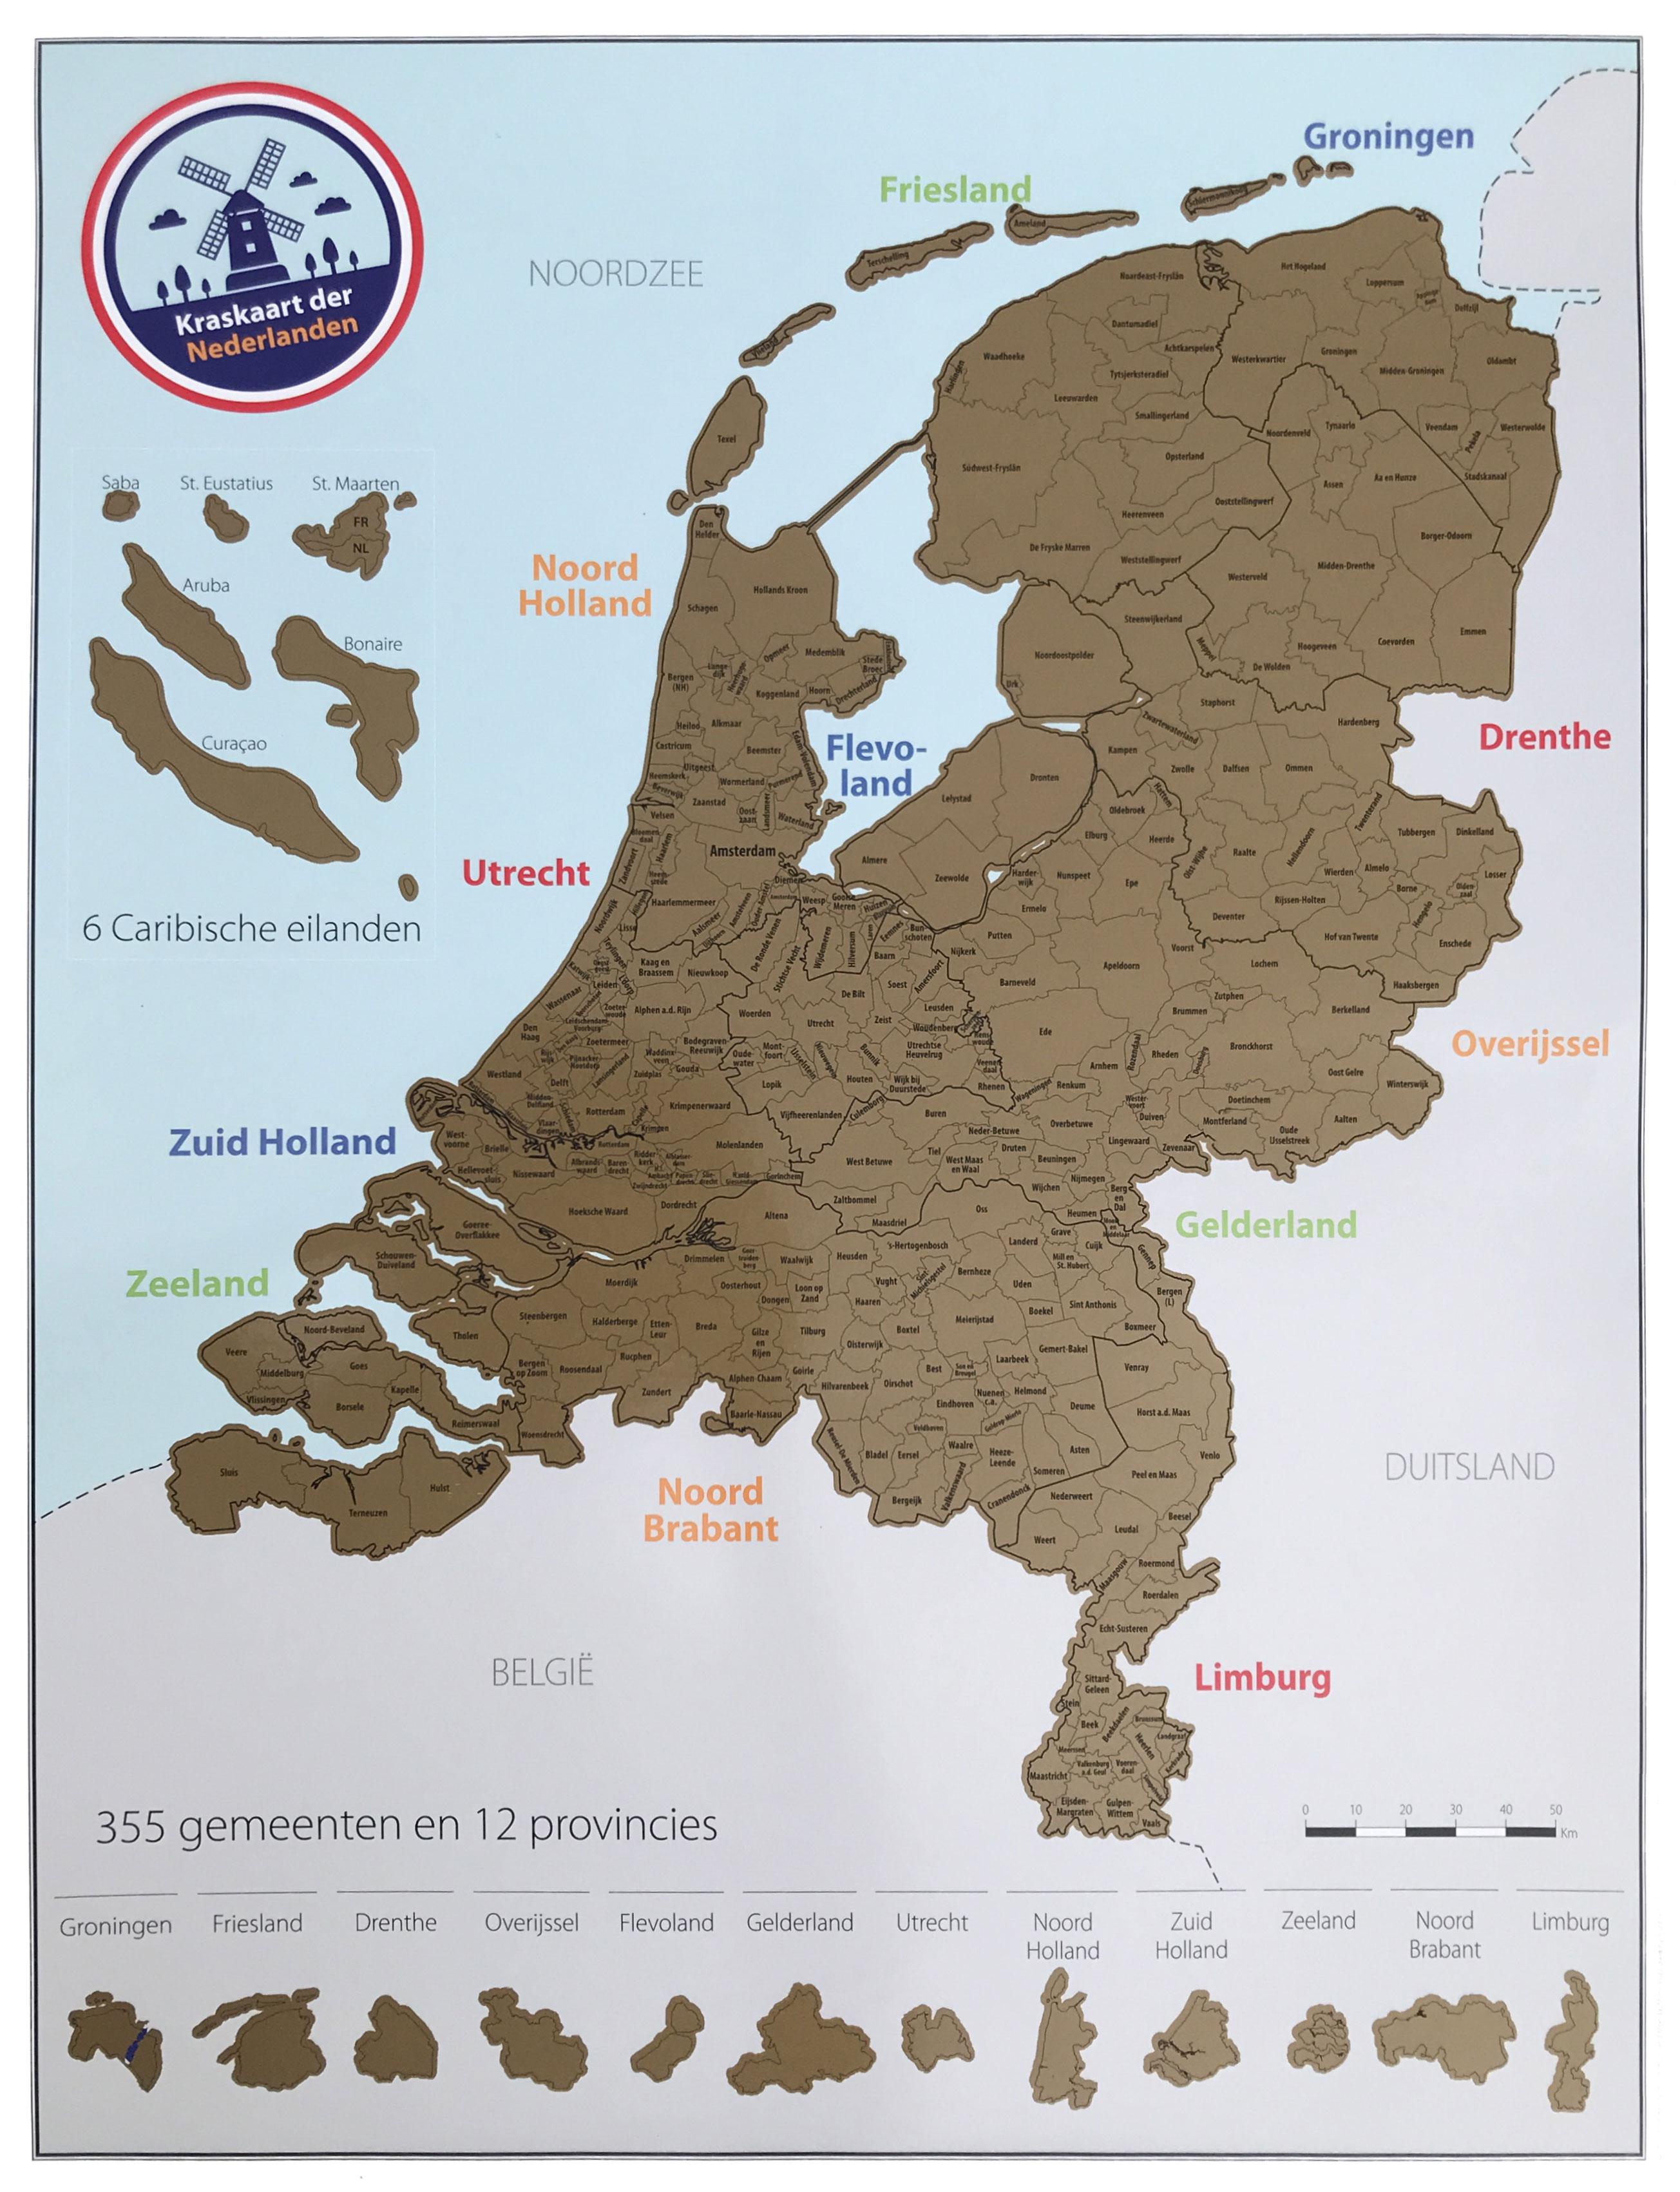 Scratch Map Nederland - kraskaart der Nederlanden | Bubble Up